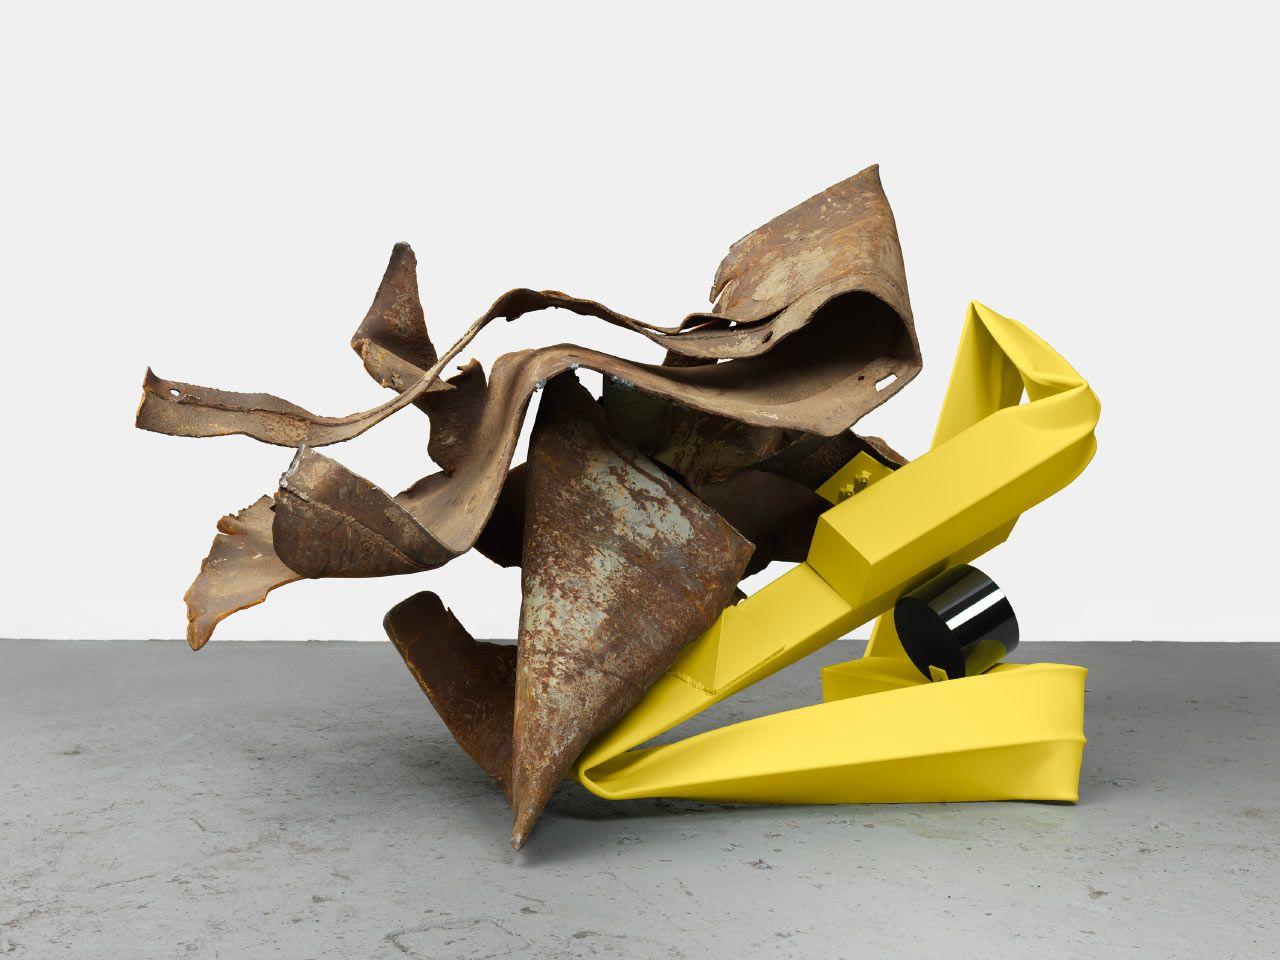 Art Basel Hong Kong 2019 Creative Artworks by Carol Bove - The Bicycle art basel hong kong 2019 Art Basel Hong Kong 2019: Creative Artworks by Carol Bove Art Basel Hong Kong 2019 Creative Artworks by Carol Bove The Bicycle